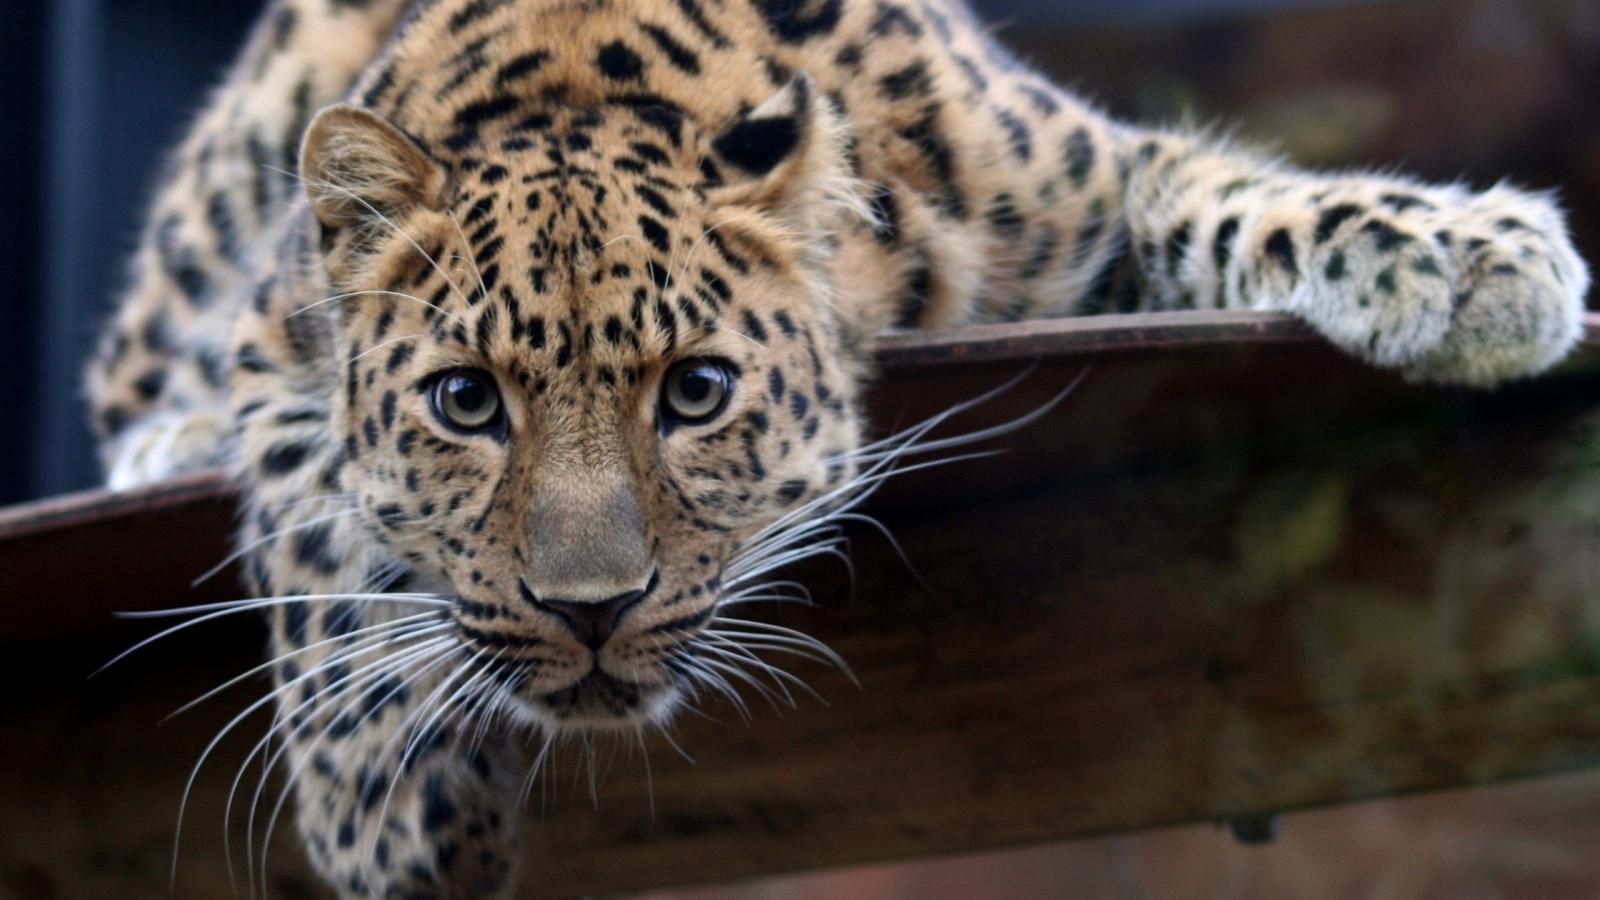 A Beautiful Big Jaguar